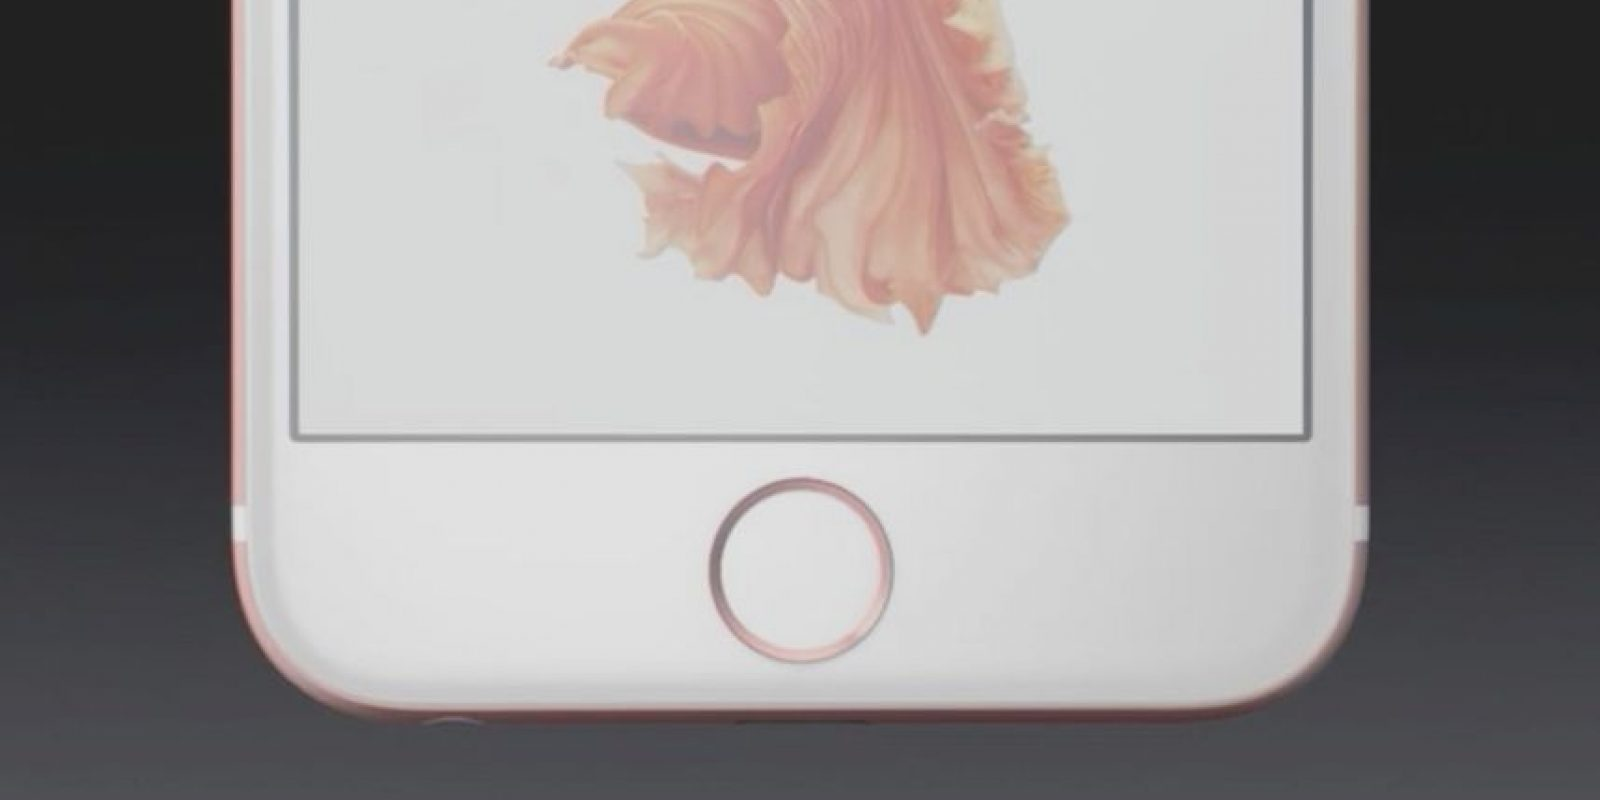 Esto puede parecer obvio: cuando se encuentren en el sol bajen todo el brillo de la pantalla. La opción se encuentra en el menú de Centro de Control. Foto:Apple